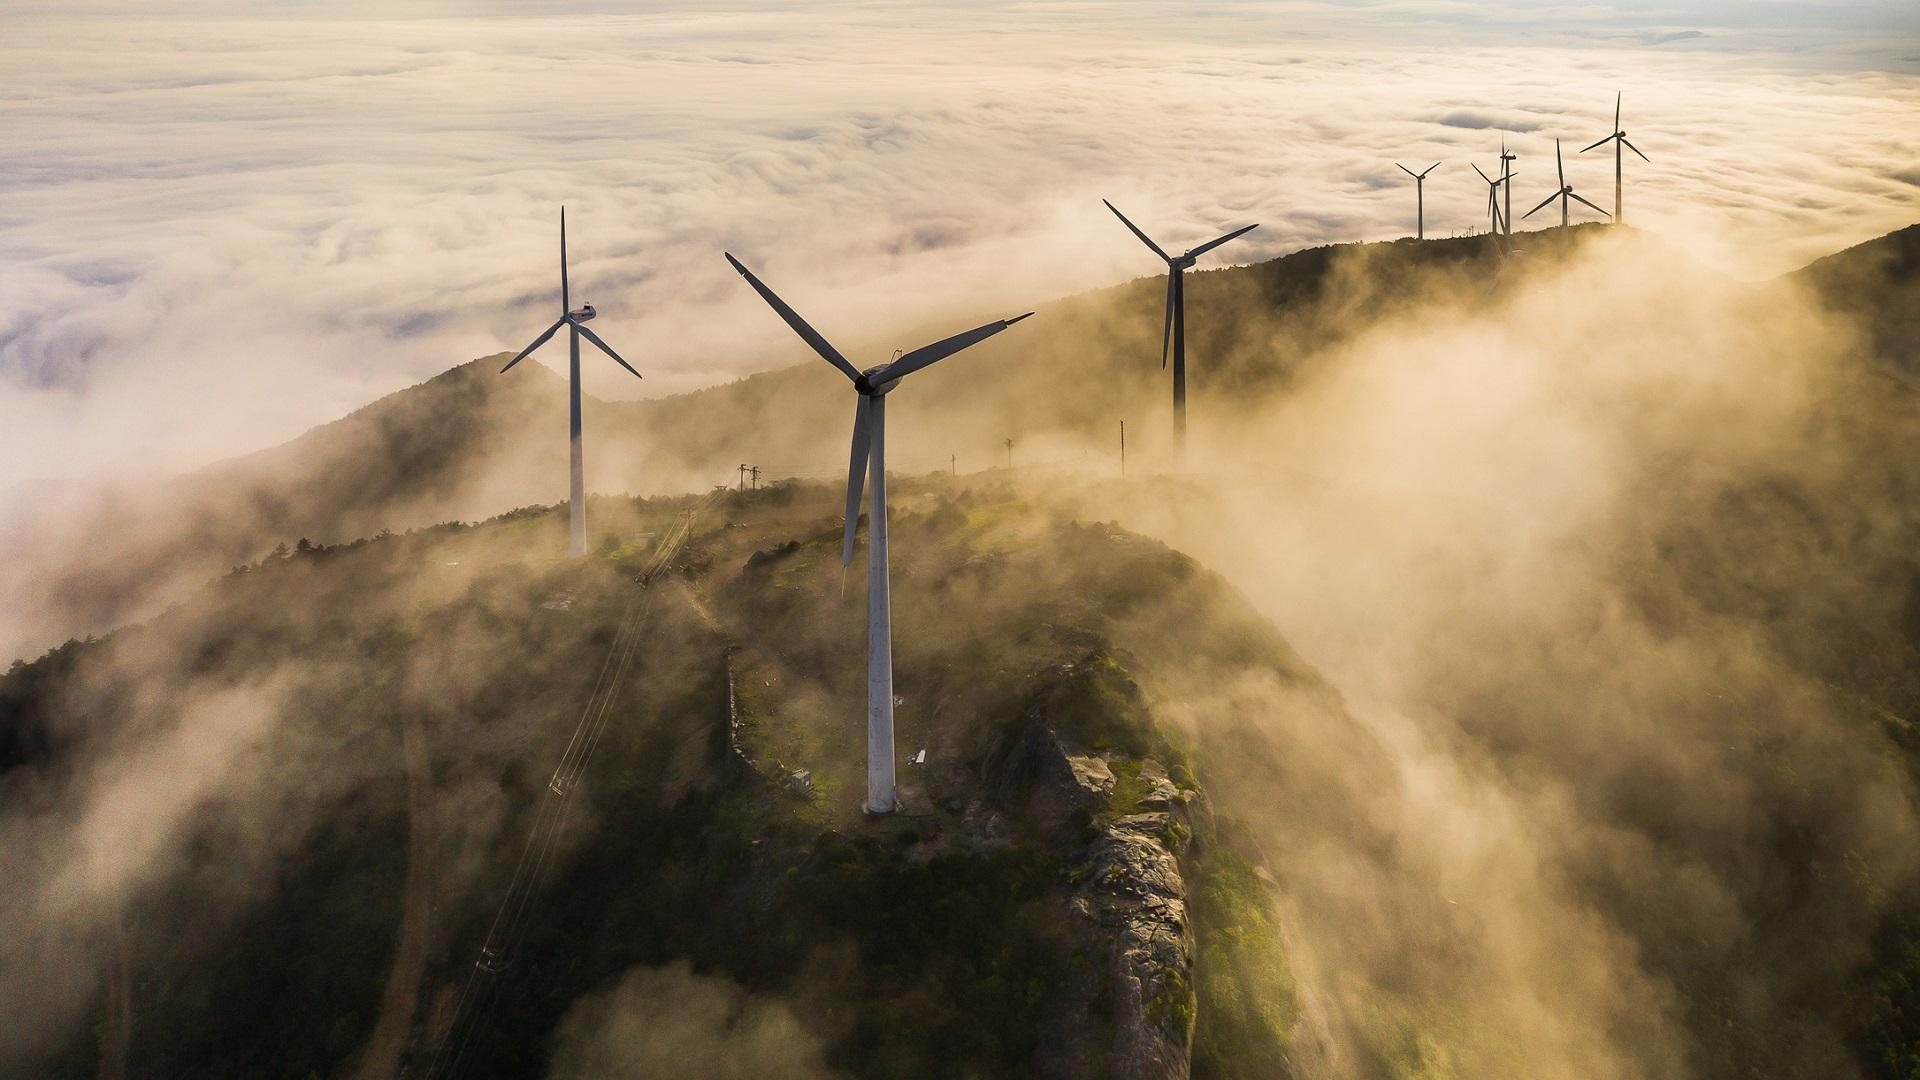 Wine turbines on hills